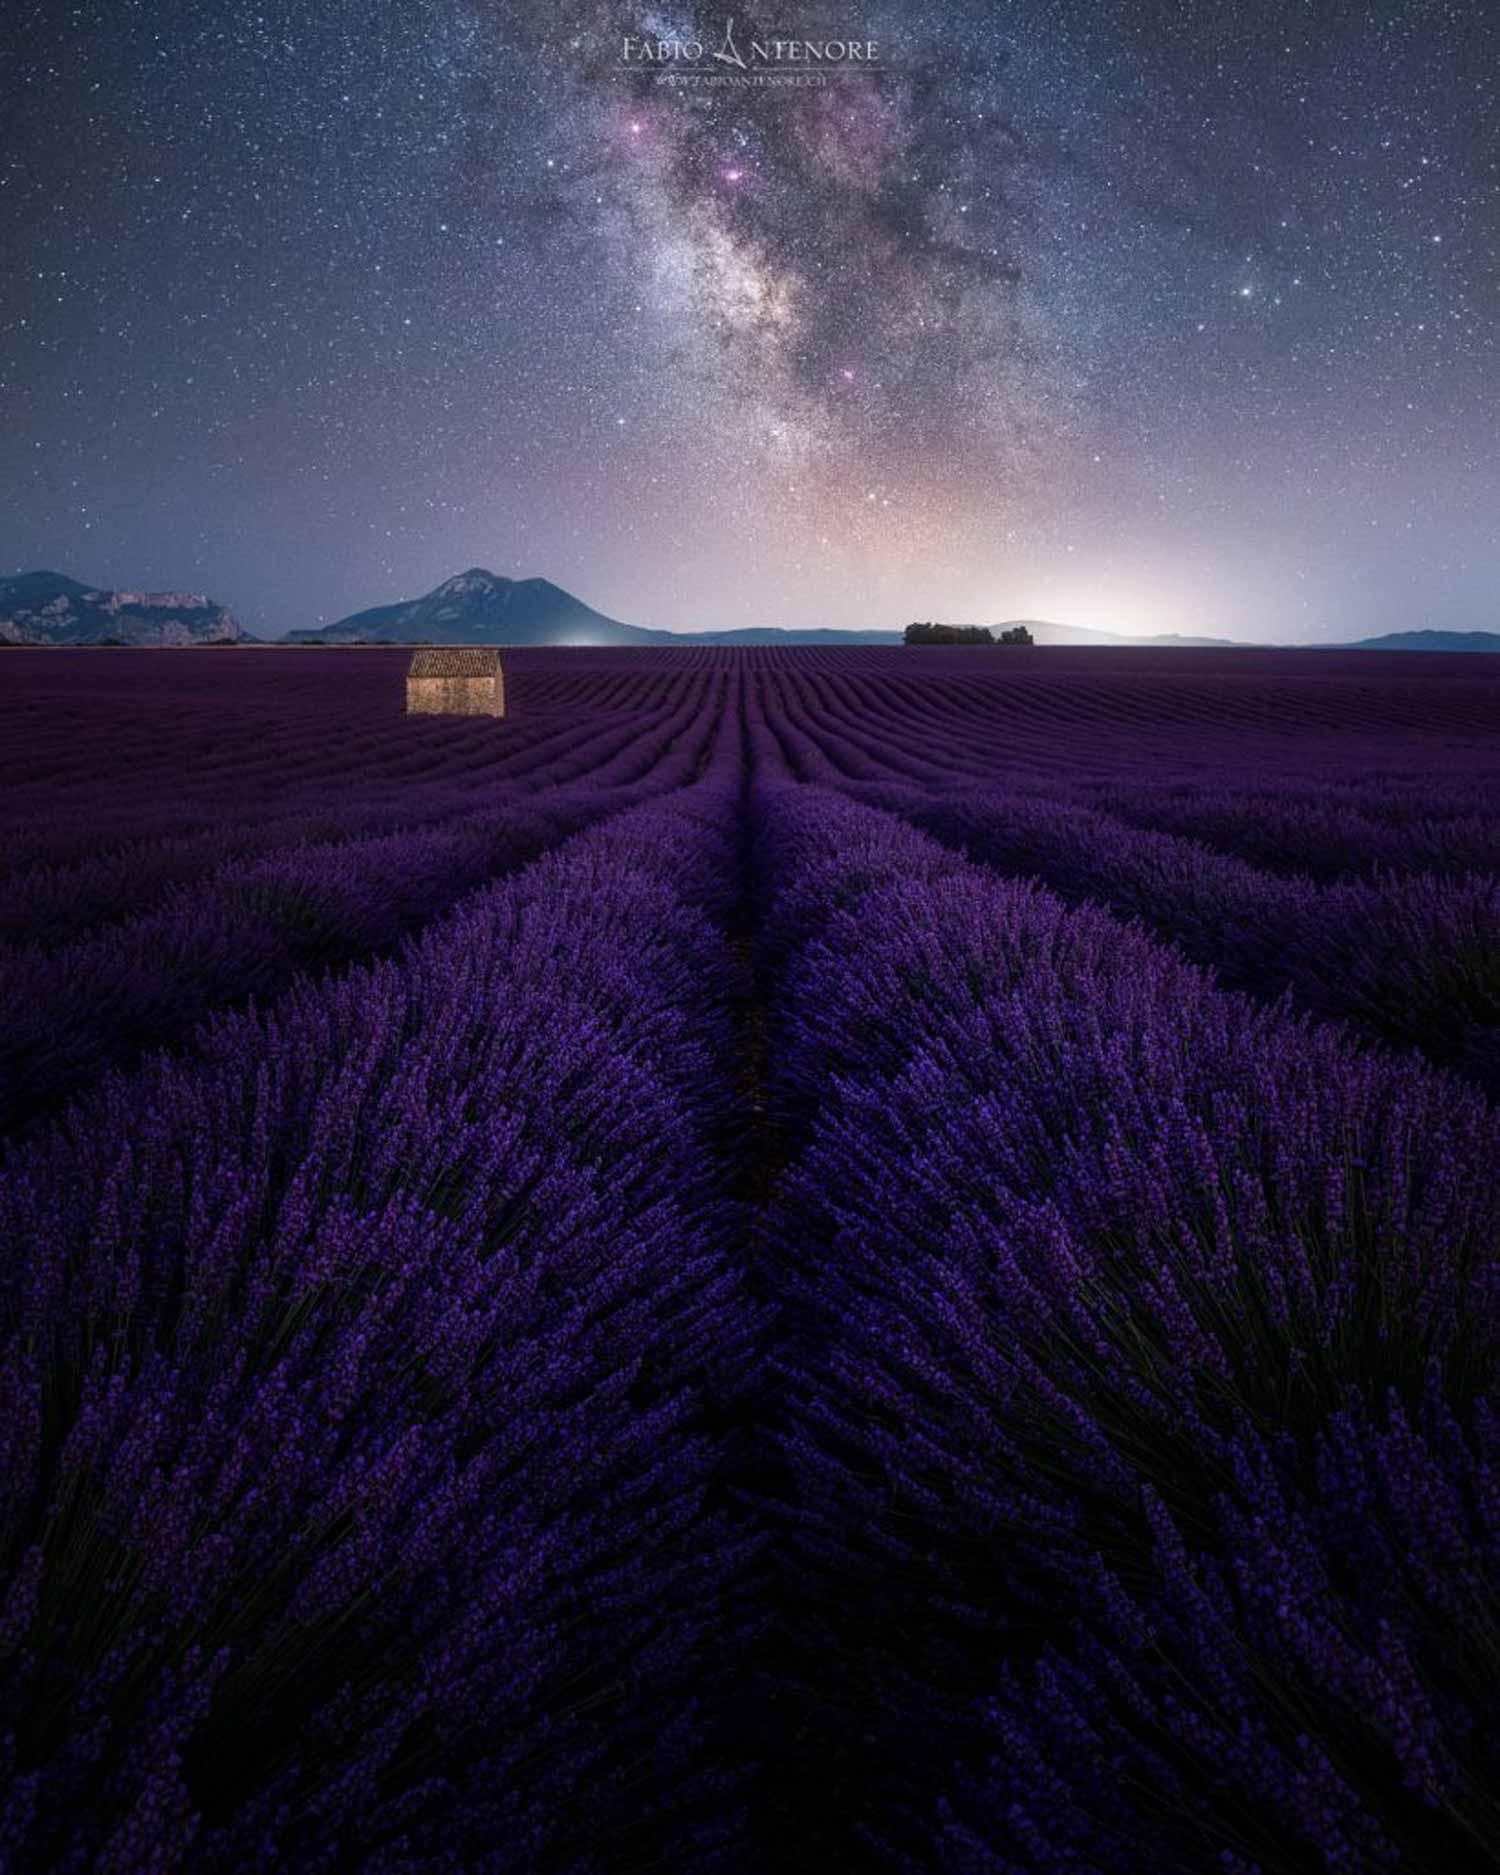 nachtfotografie Fabio Antenore